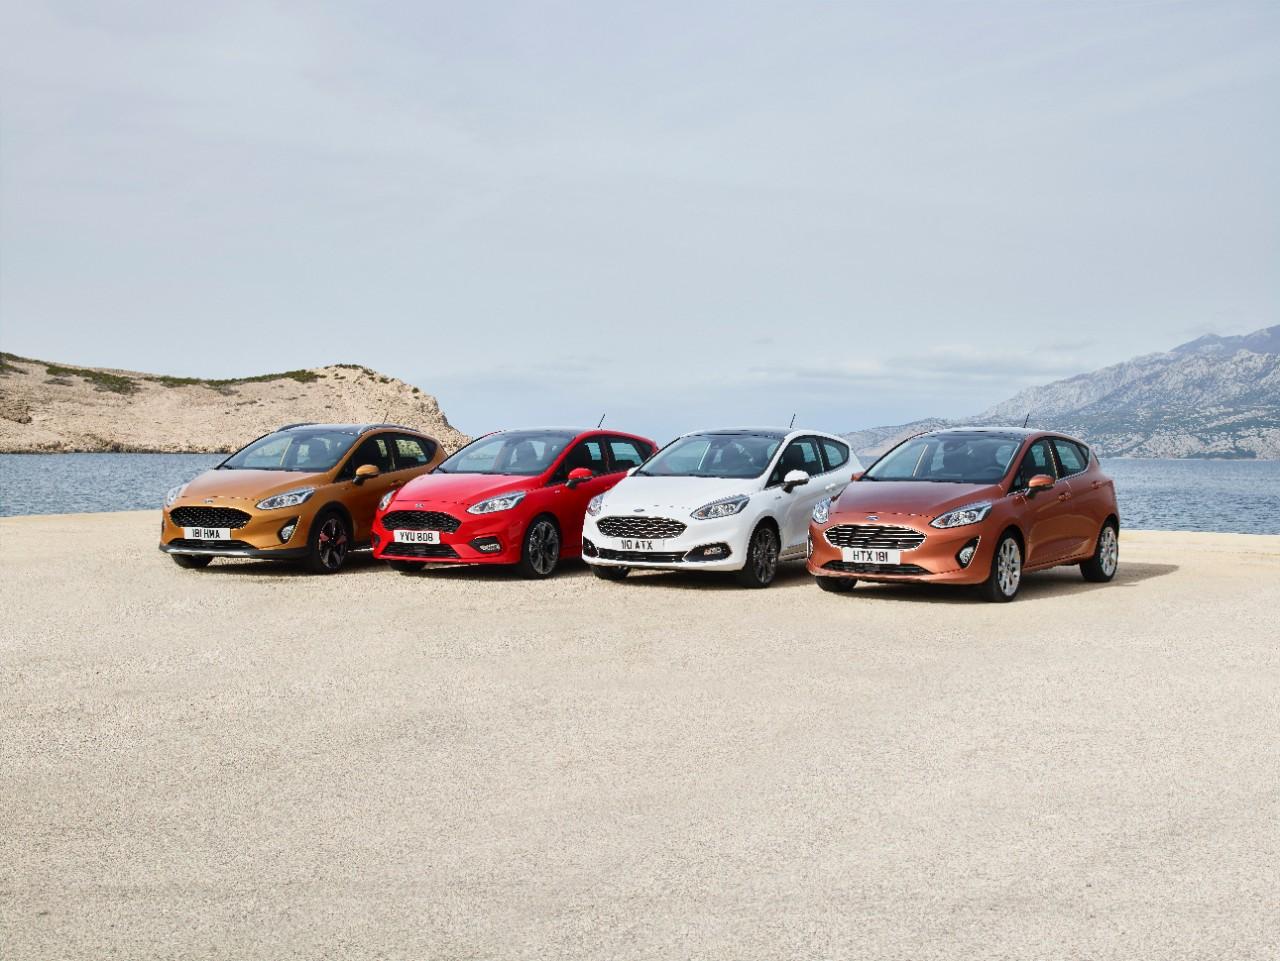 Ford nuovi modelli 2017 Fiesta